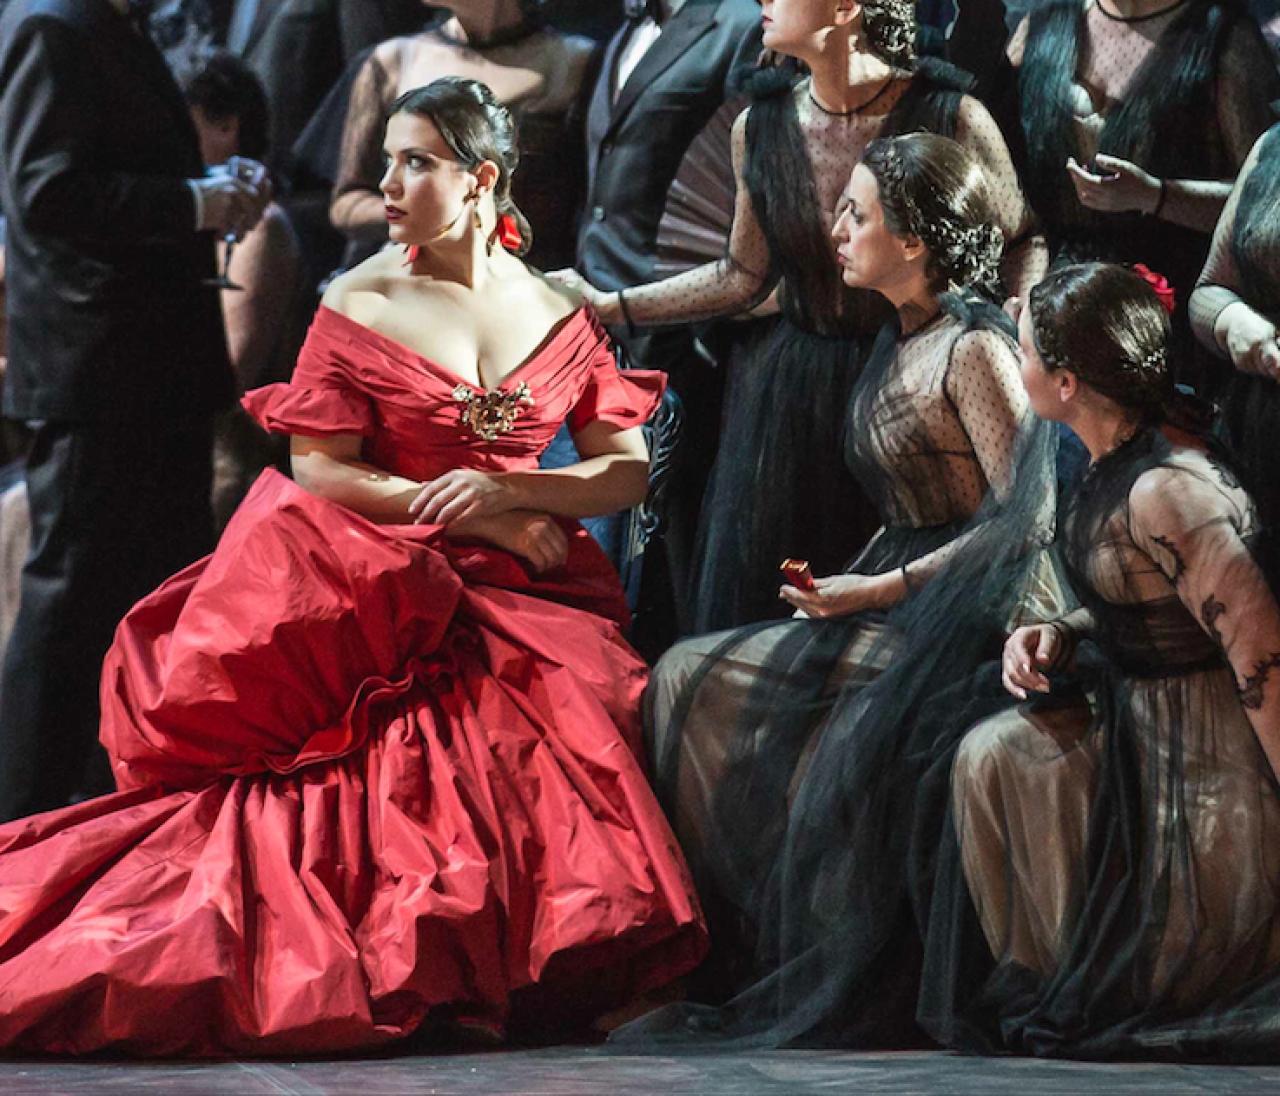 ソフィア・コッポラ×ヴァレンティノによるオペラが開幕♥︎